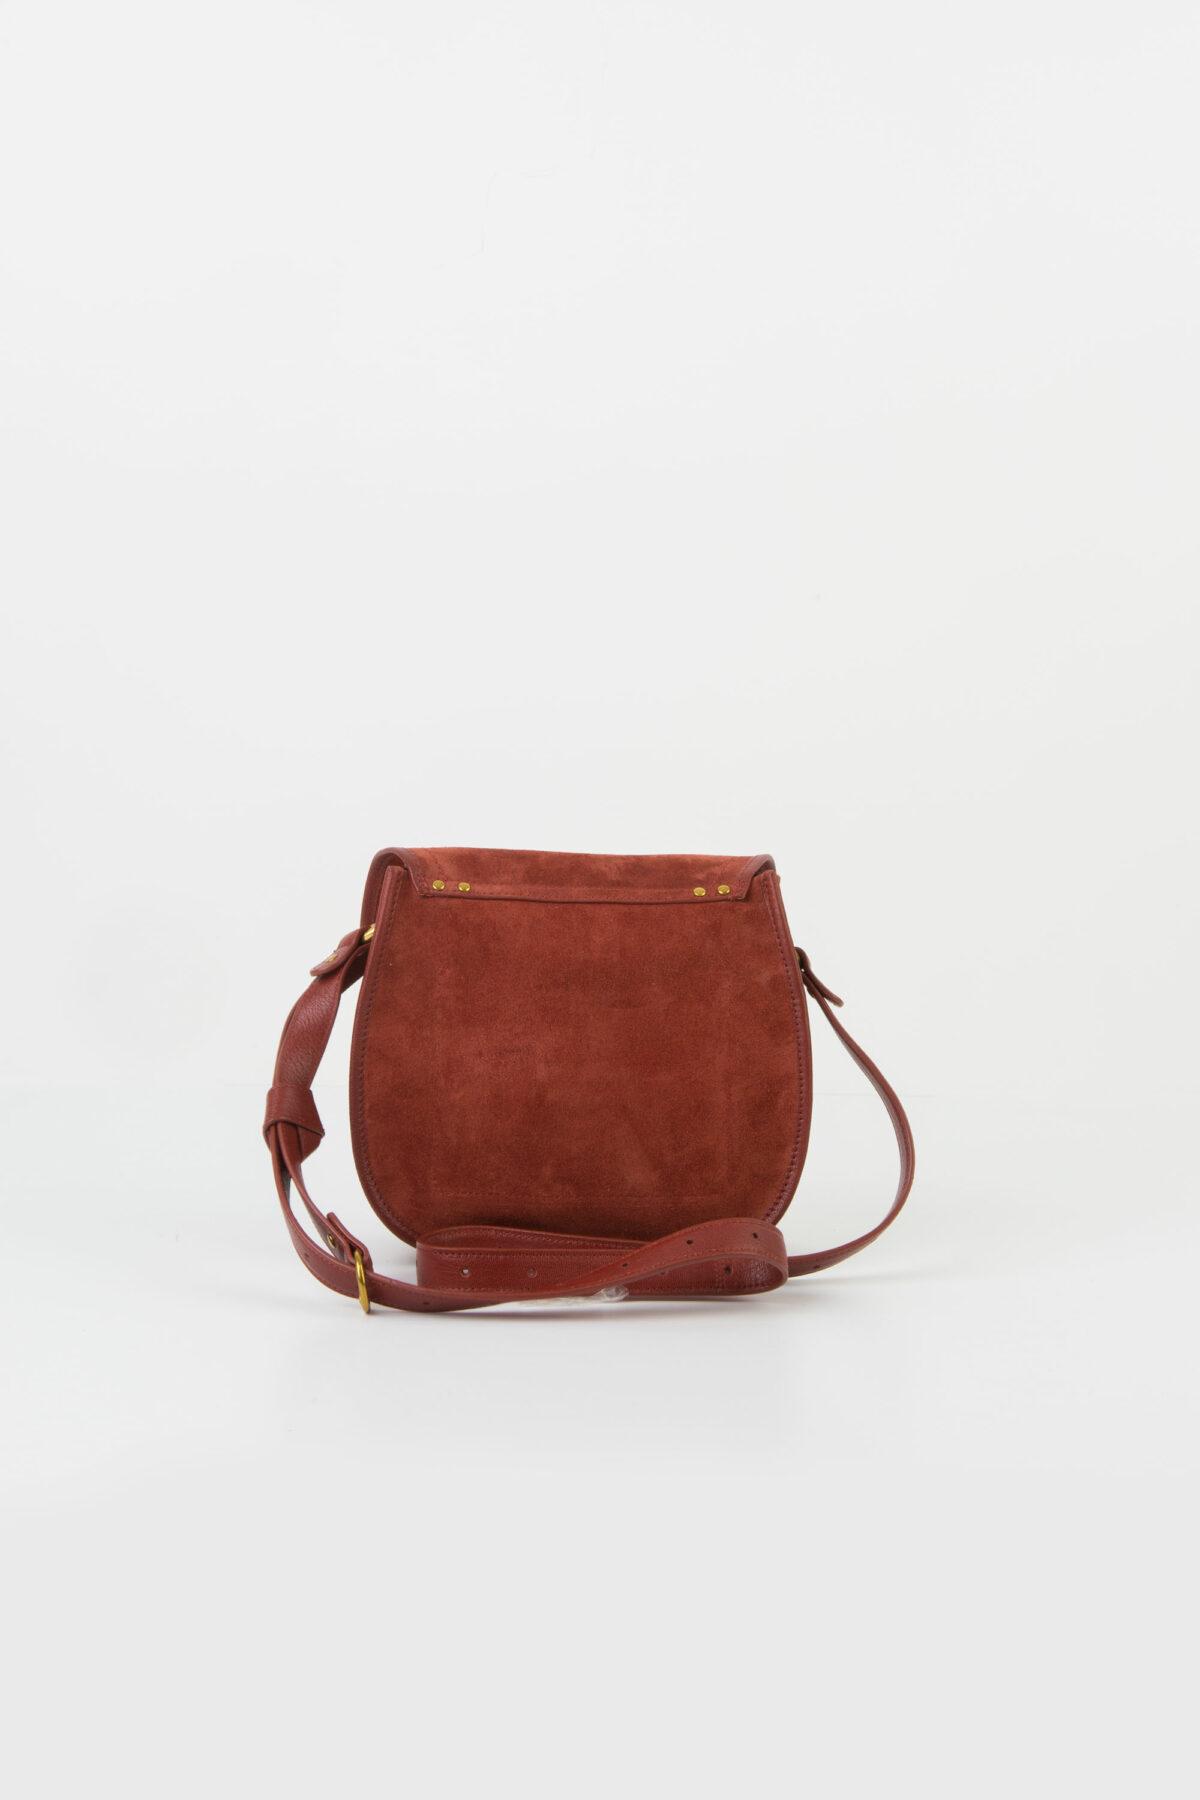 felix-medium-messenger-old-rose-leather-bag-jerome-dreyfuss-matchboxathens